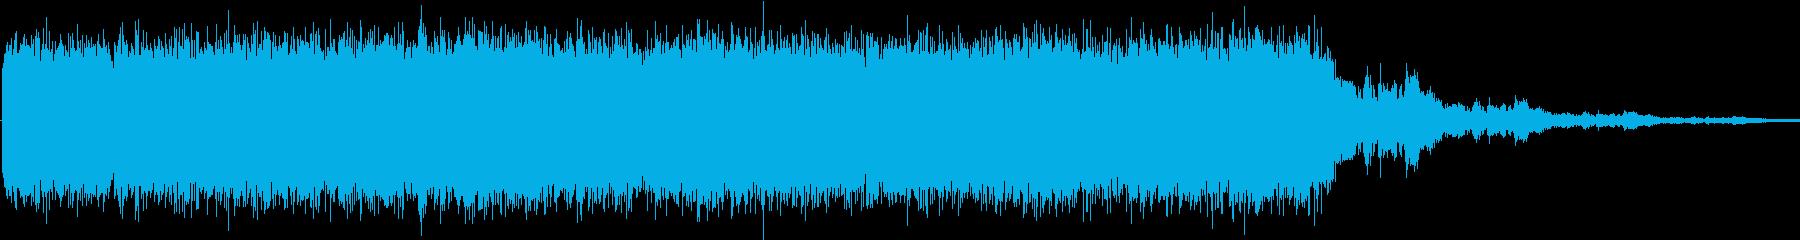 ドローン 産業02の再生済みの波形